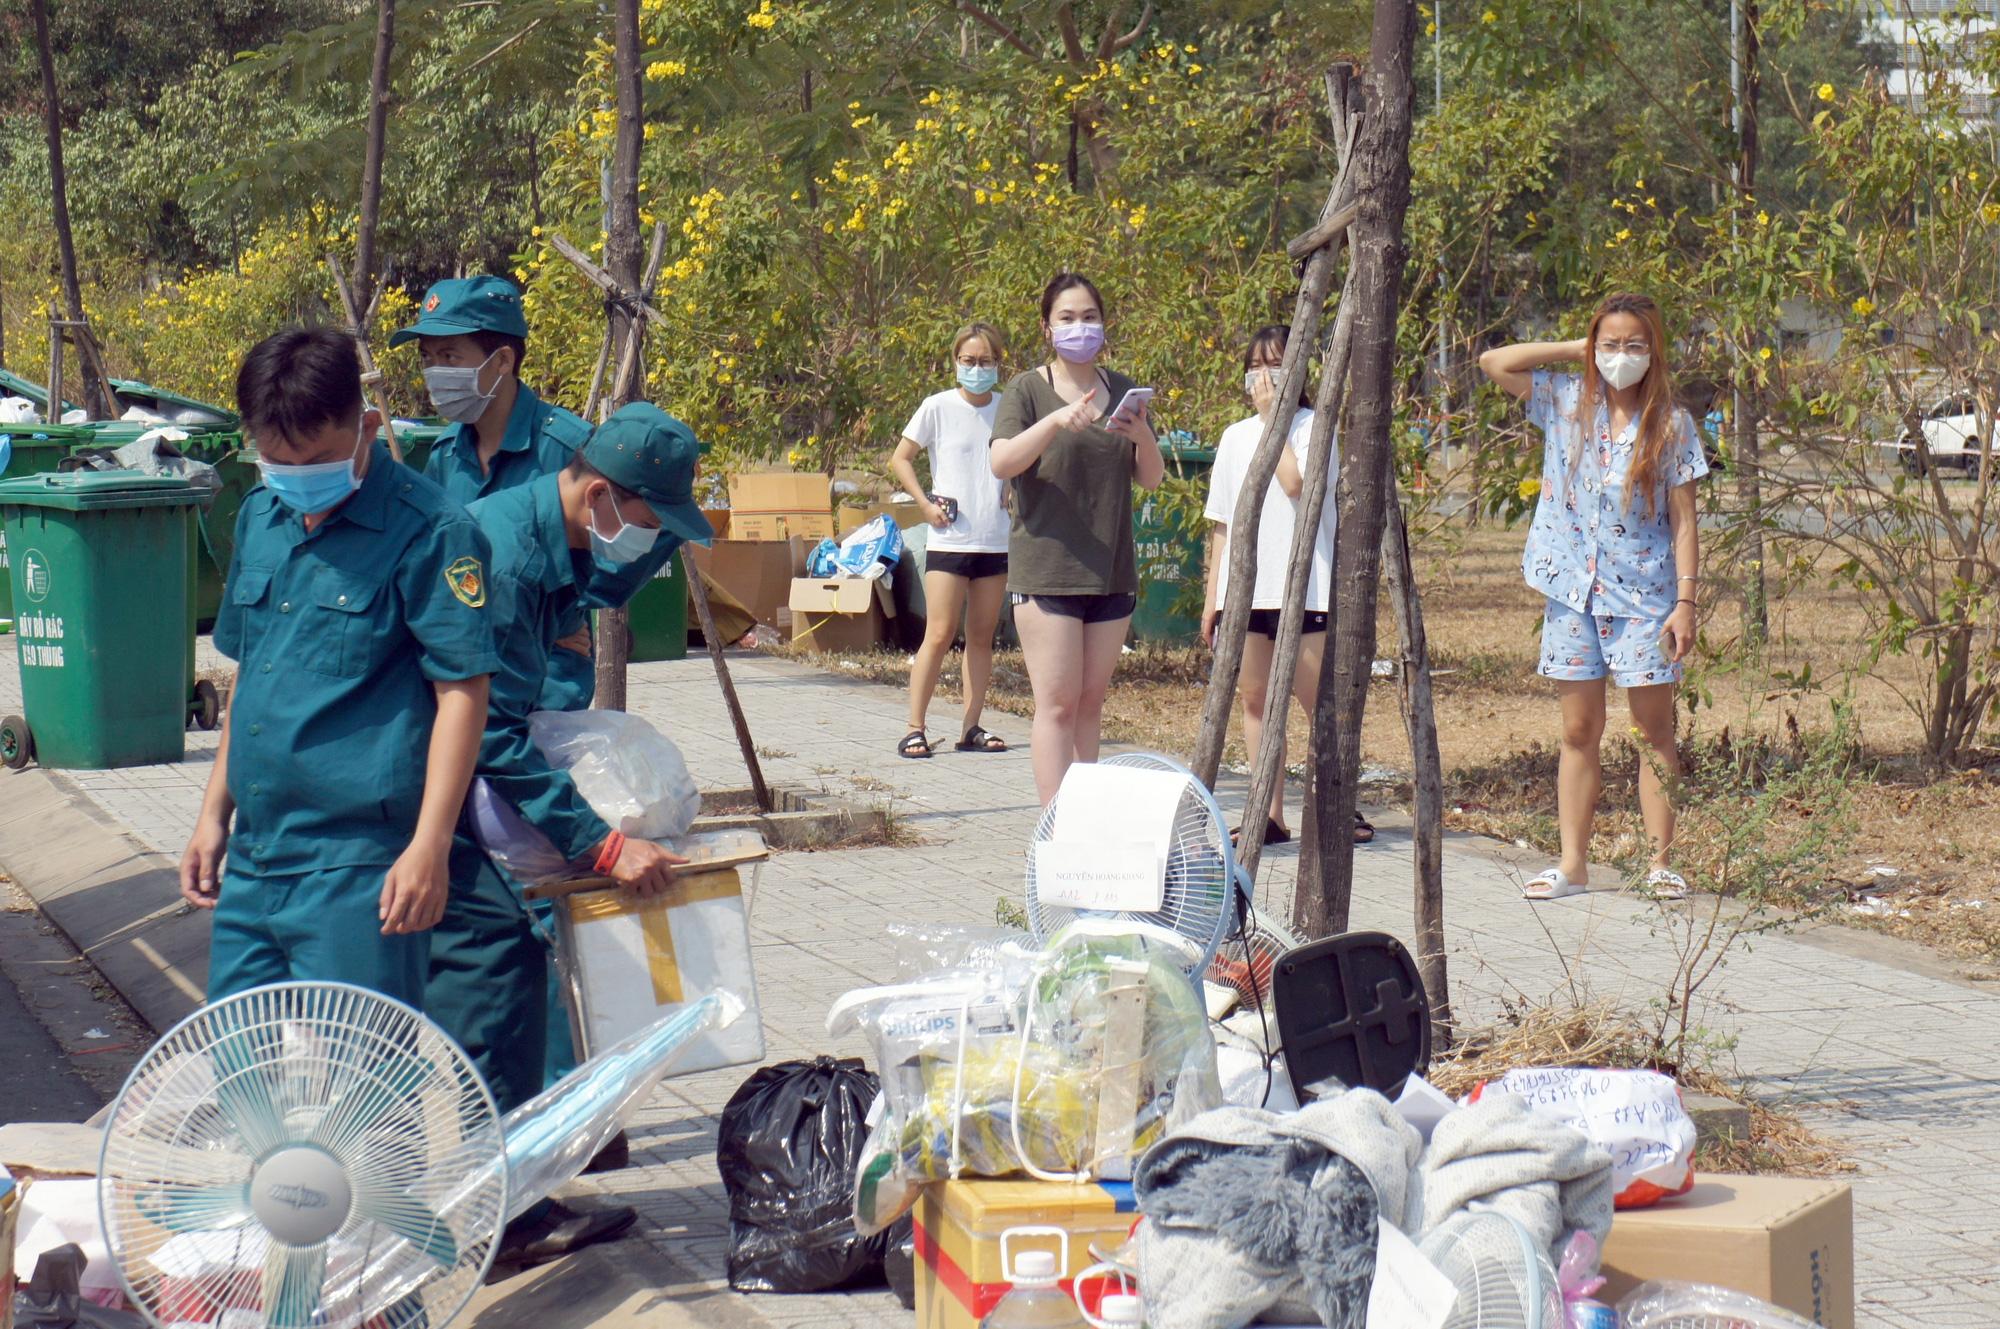 Hàng trăm người đội nắng để gửi đồ cho thân nhân trong khu cách li tại kí túc xá Đại học Quốc gia TP HCM - Ảnh 13.